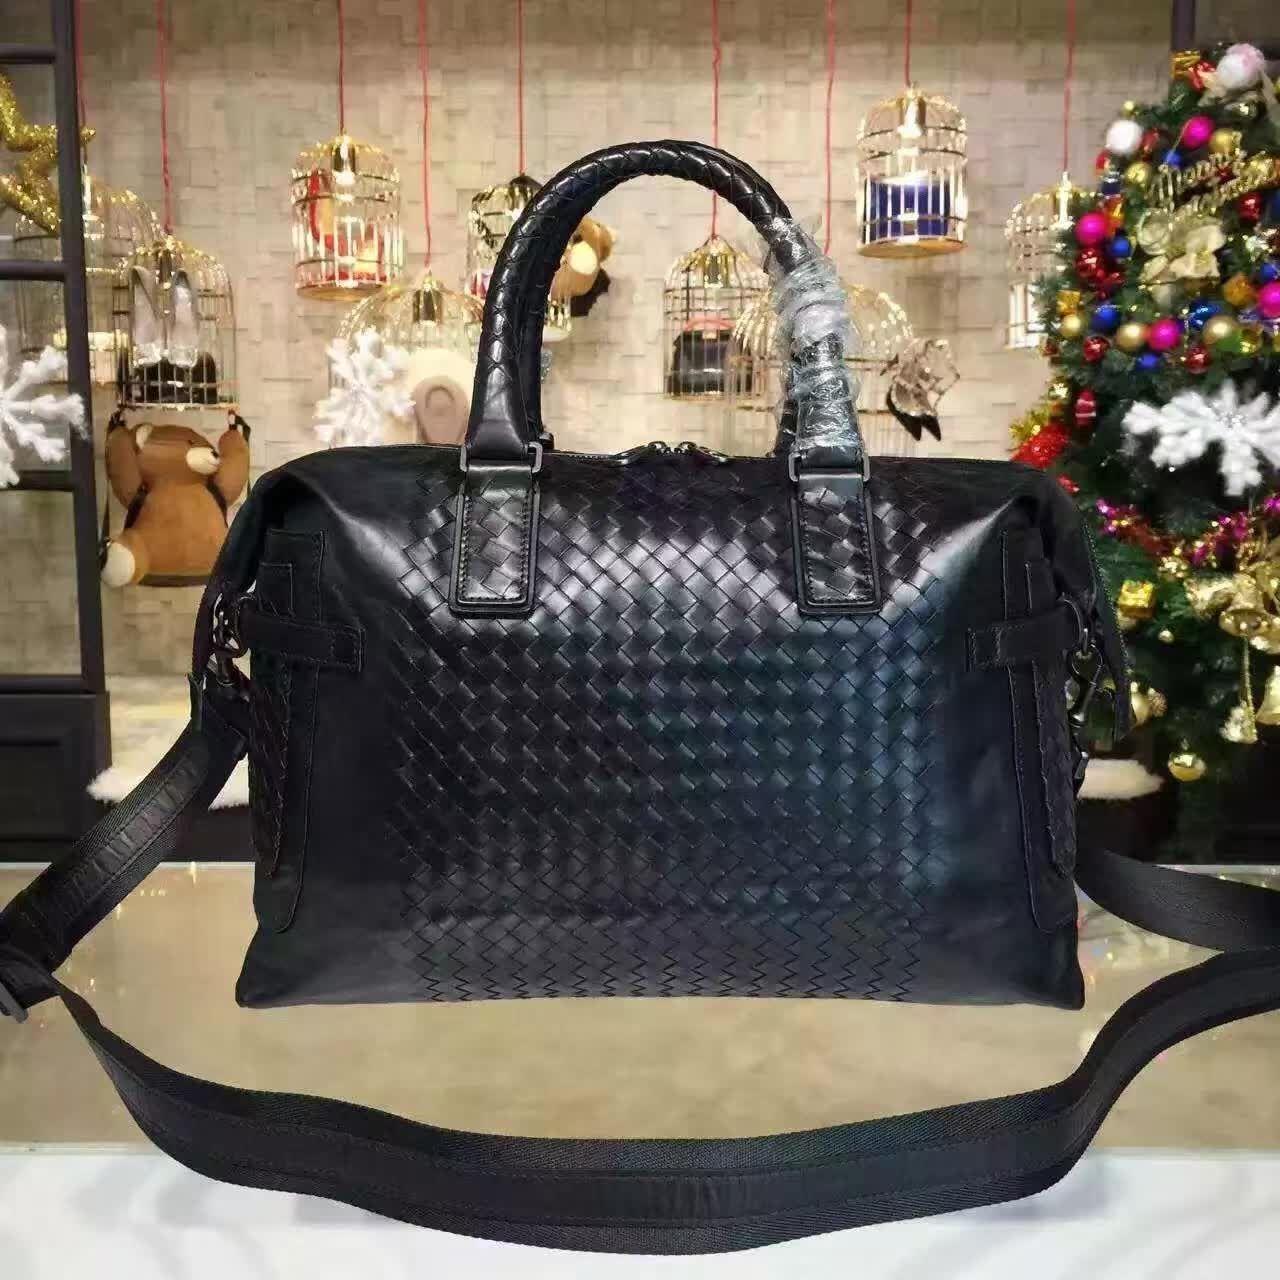 bottega veneta Bag, ID : 58309(FORSALE:a@yybags.com), bottega bag ...